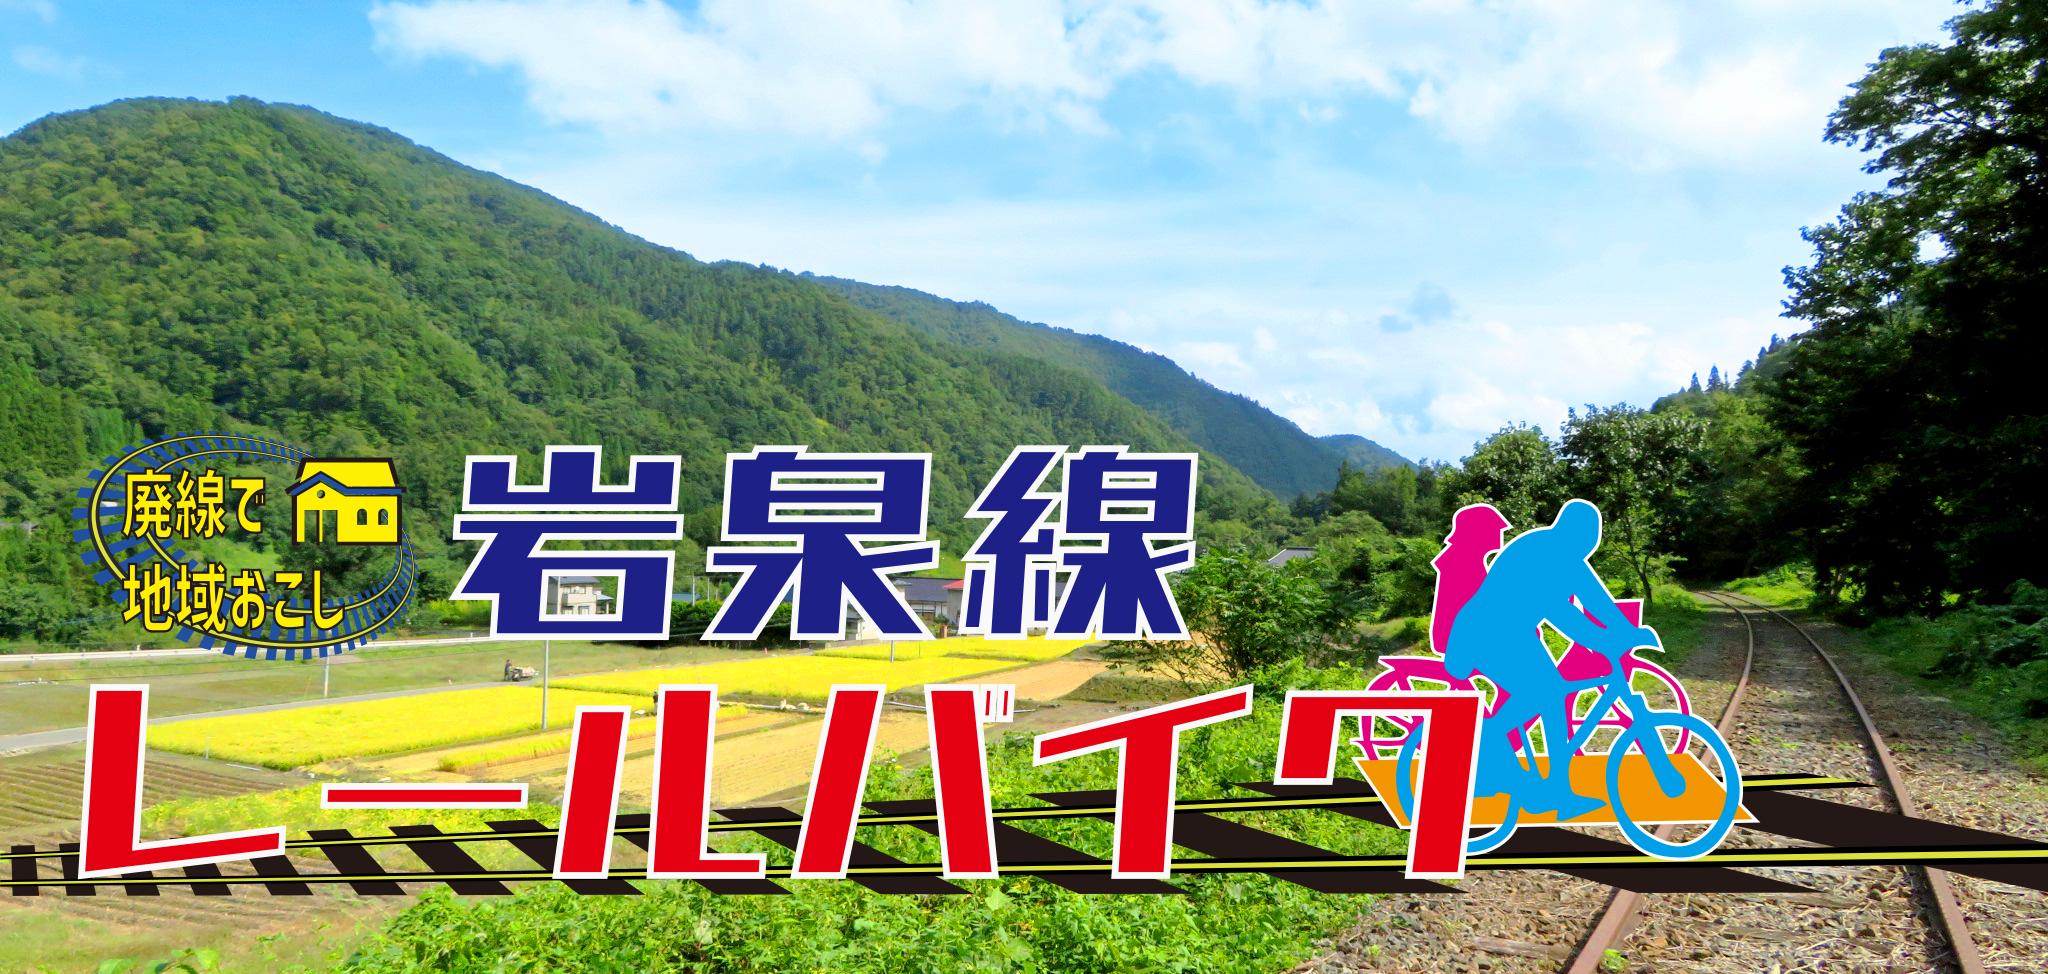 岩泉線レールバイク